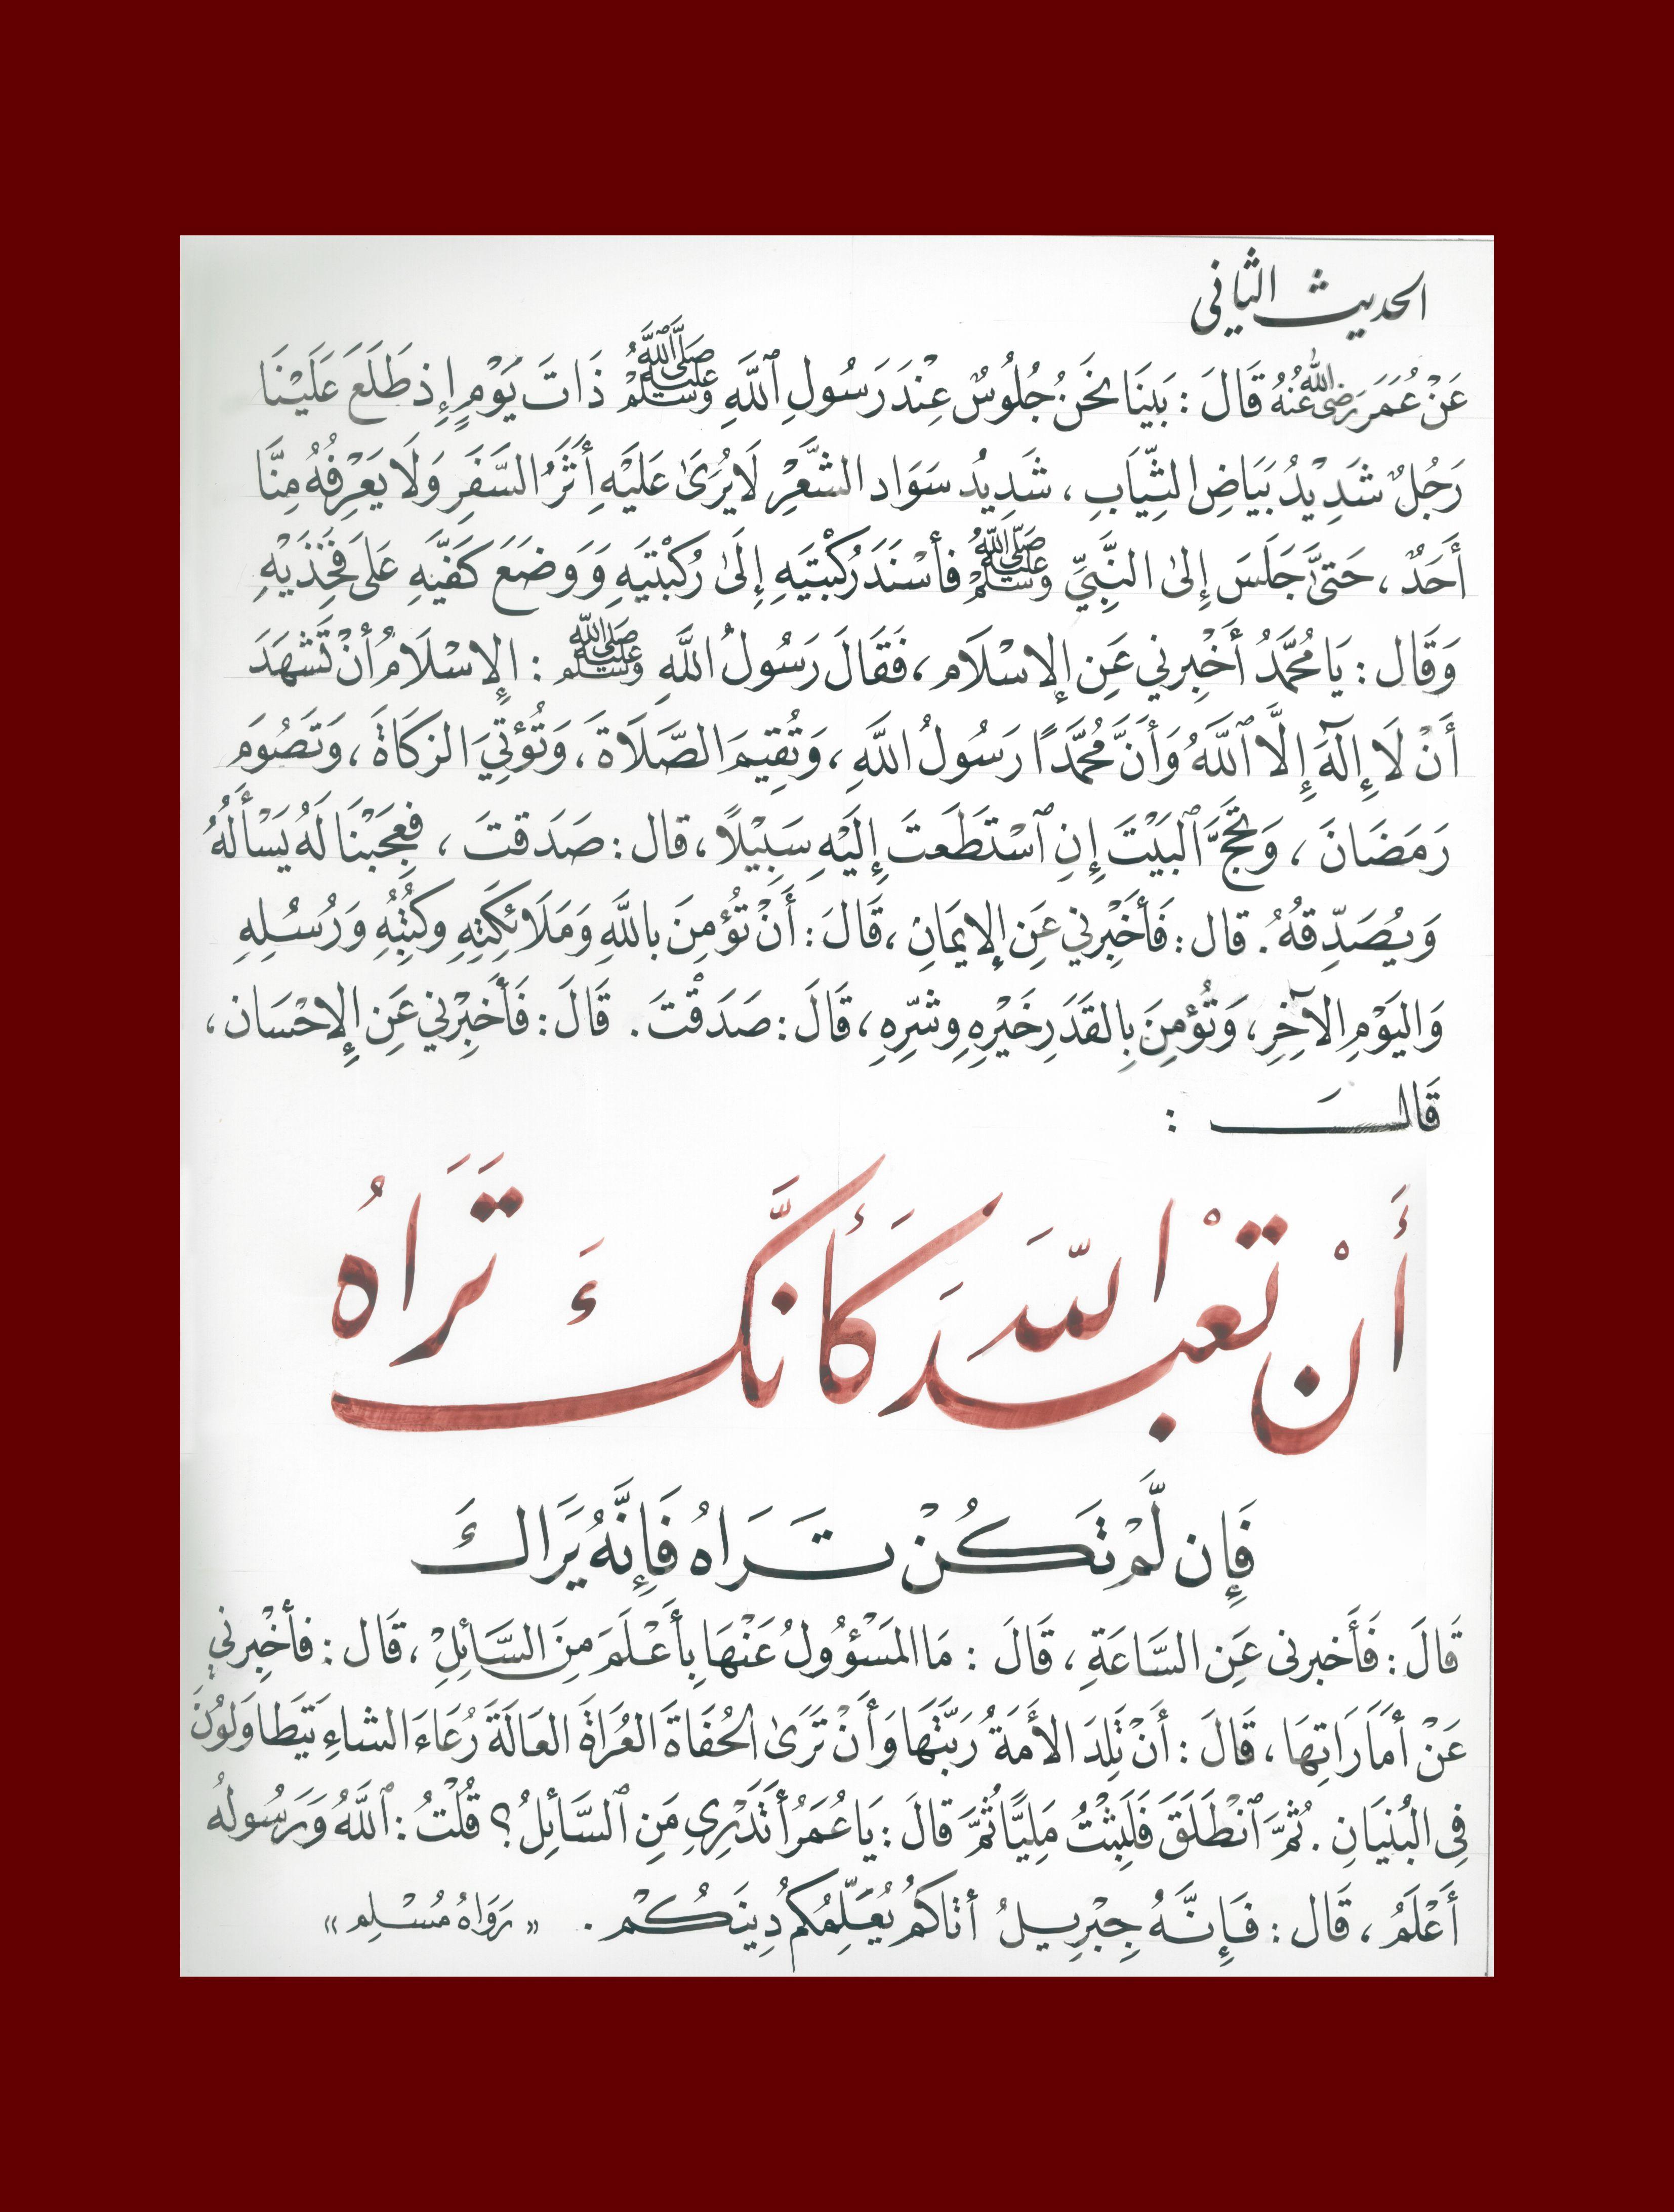 الحديث الثاني الإحسان أن تعبد الله كأنك تراه فإن لم تكن تراه فإنه يراك Hadith Sufi Islam